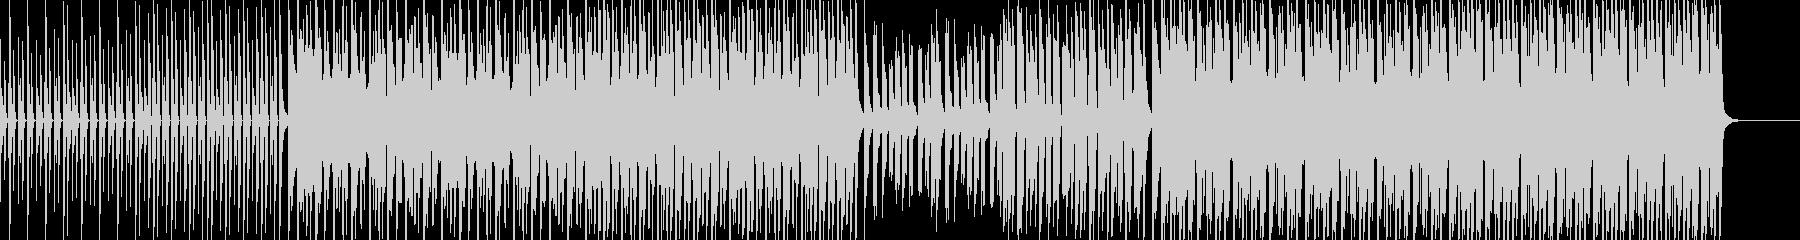 ダーティーハウスの未再生の波形